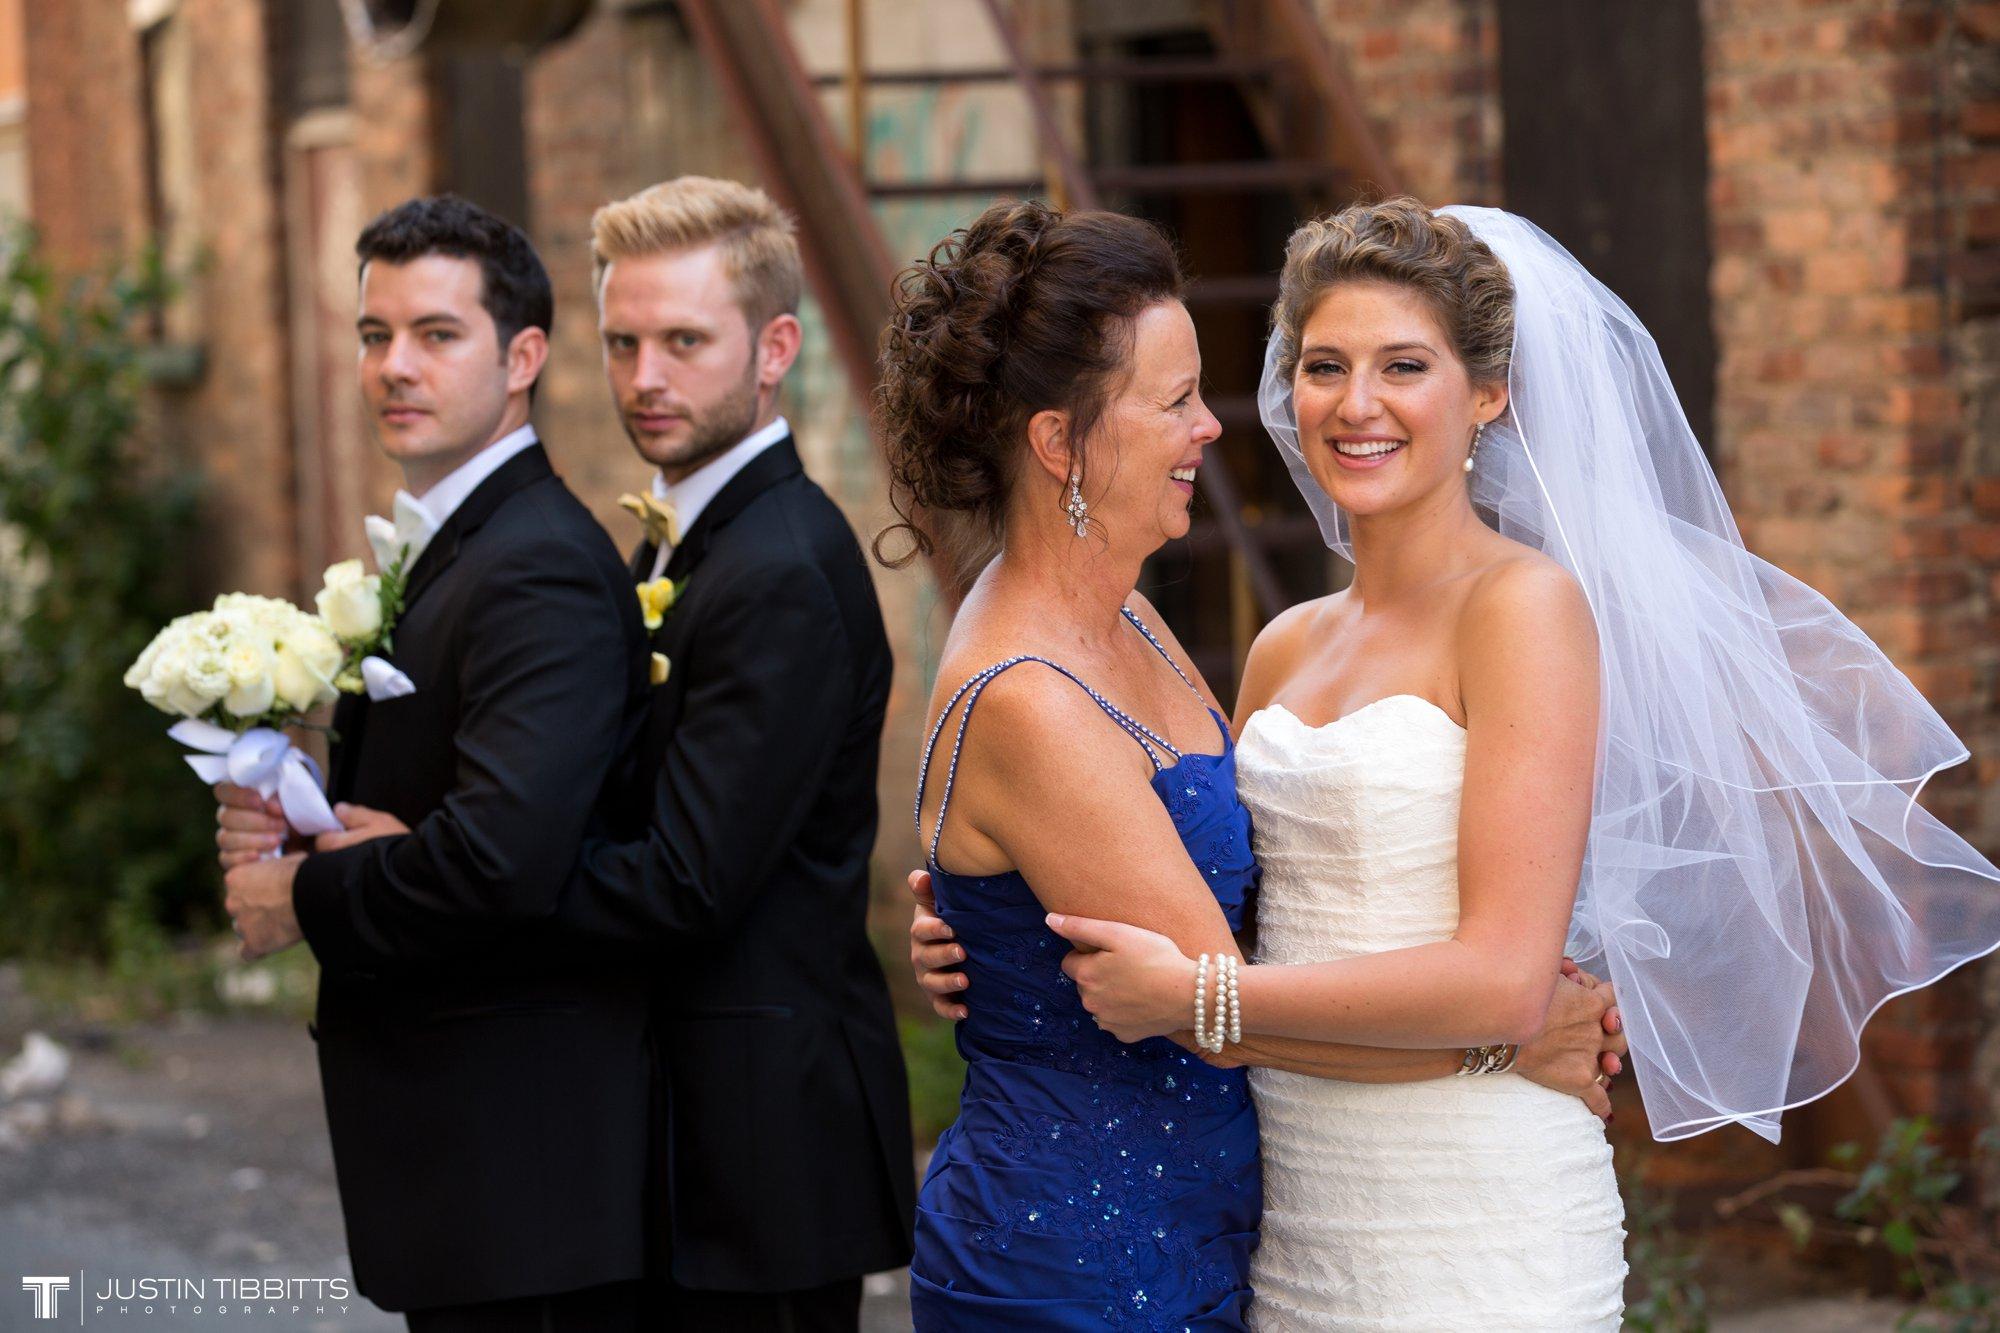 Albany NY Wedding Photographer Justin Tibbitts Photography 2014 Best of Albany NY Weddings-2545925